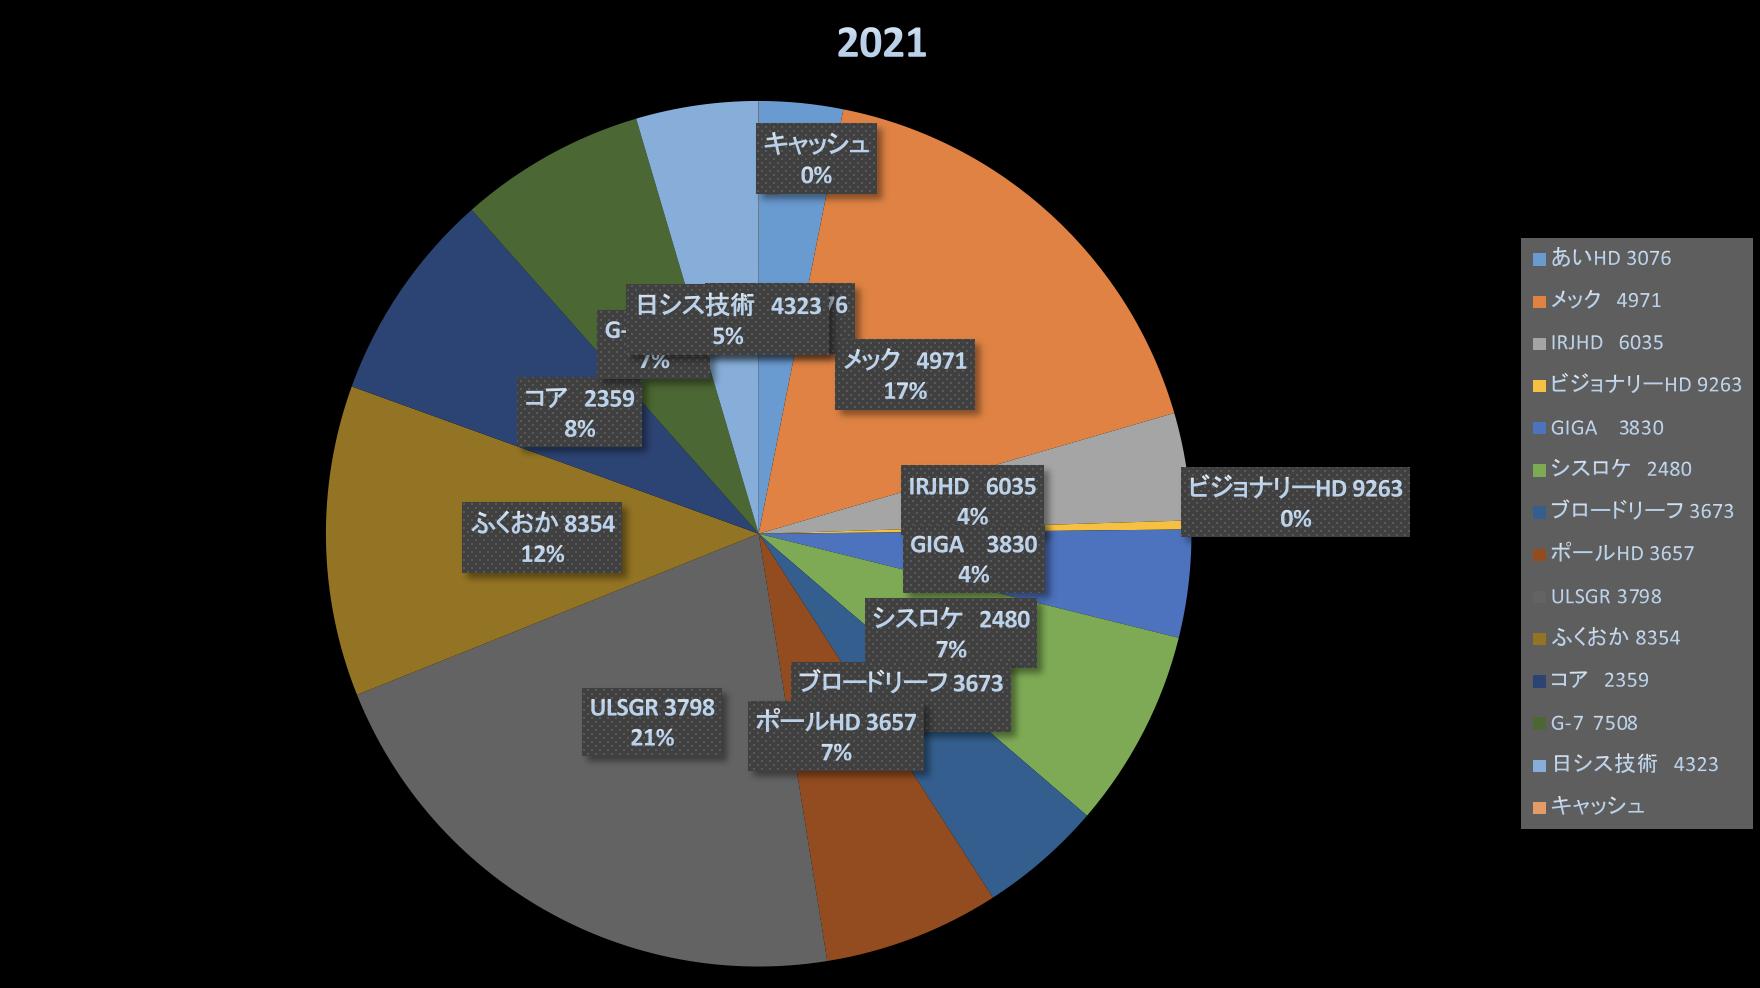 皆が皆ホリエモンとか西野とか好きだと思うなよ(株式投資成績報告2021/6/11)